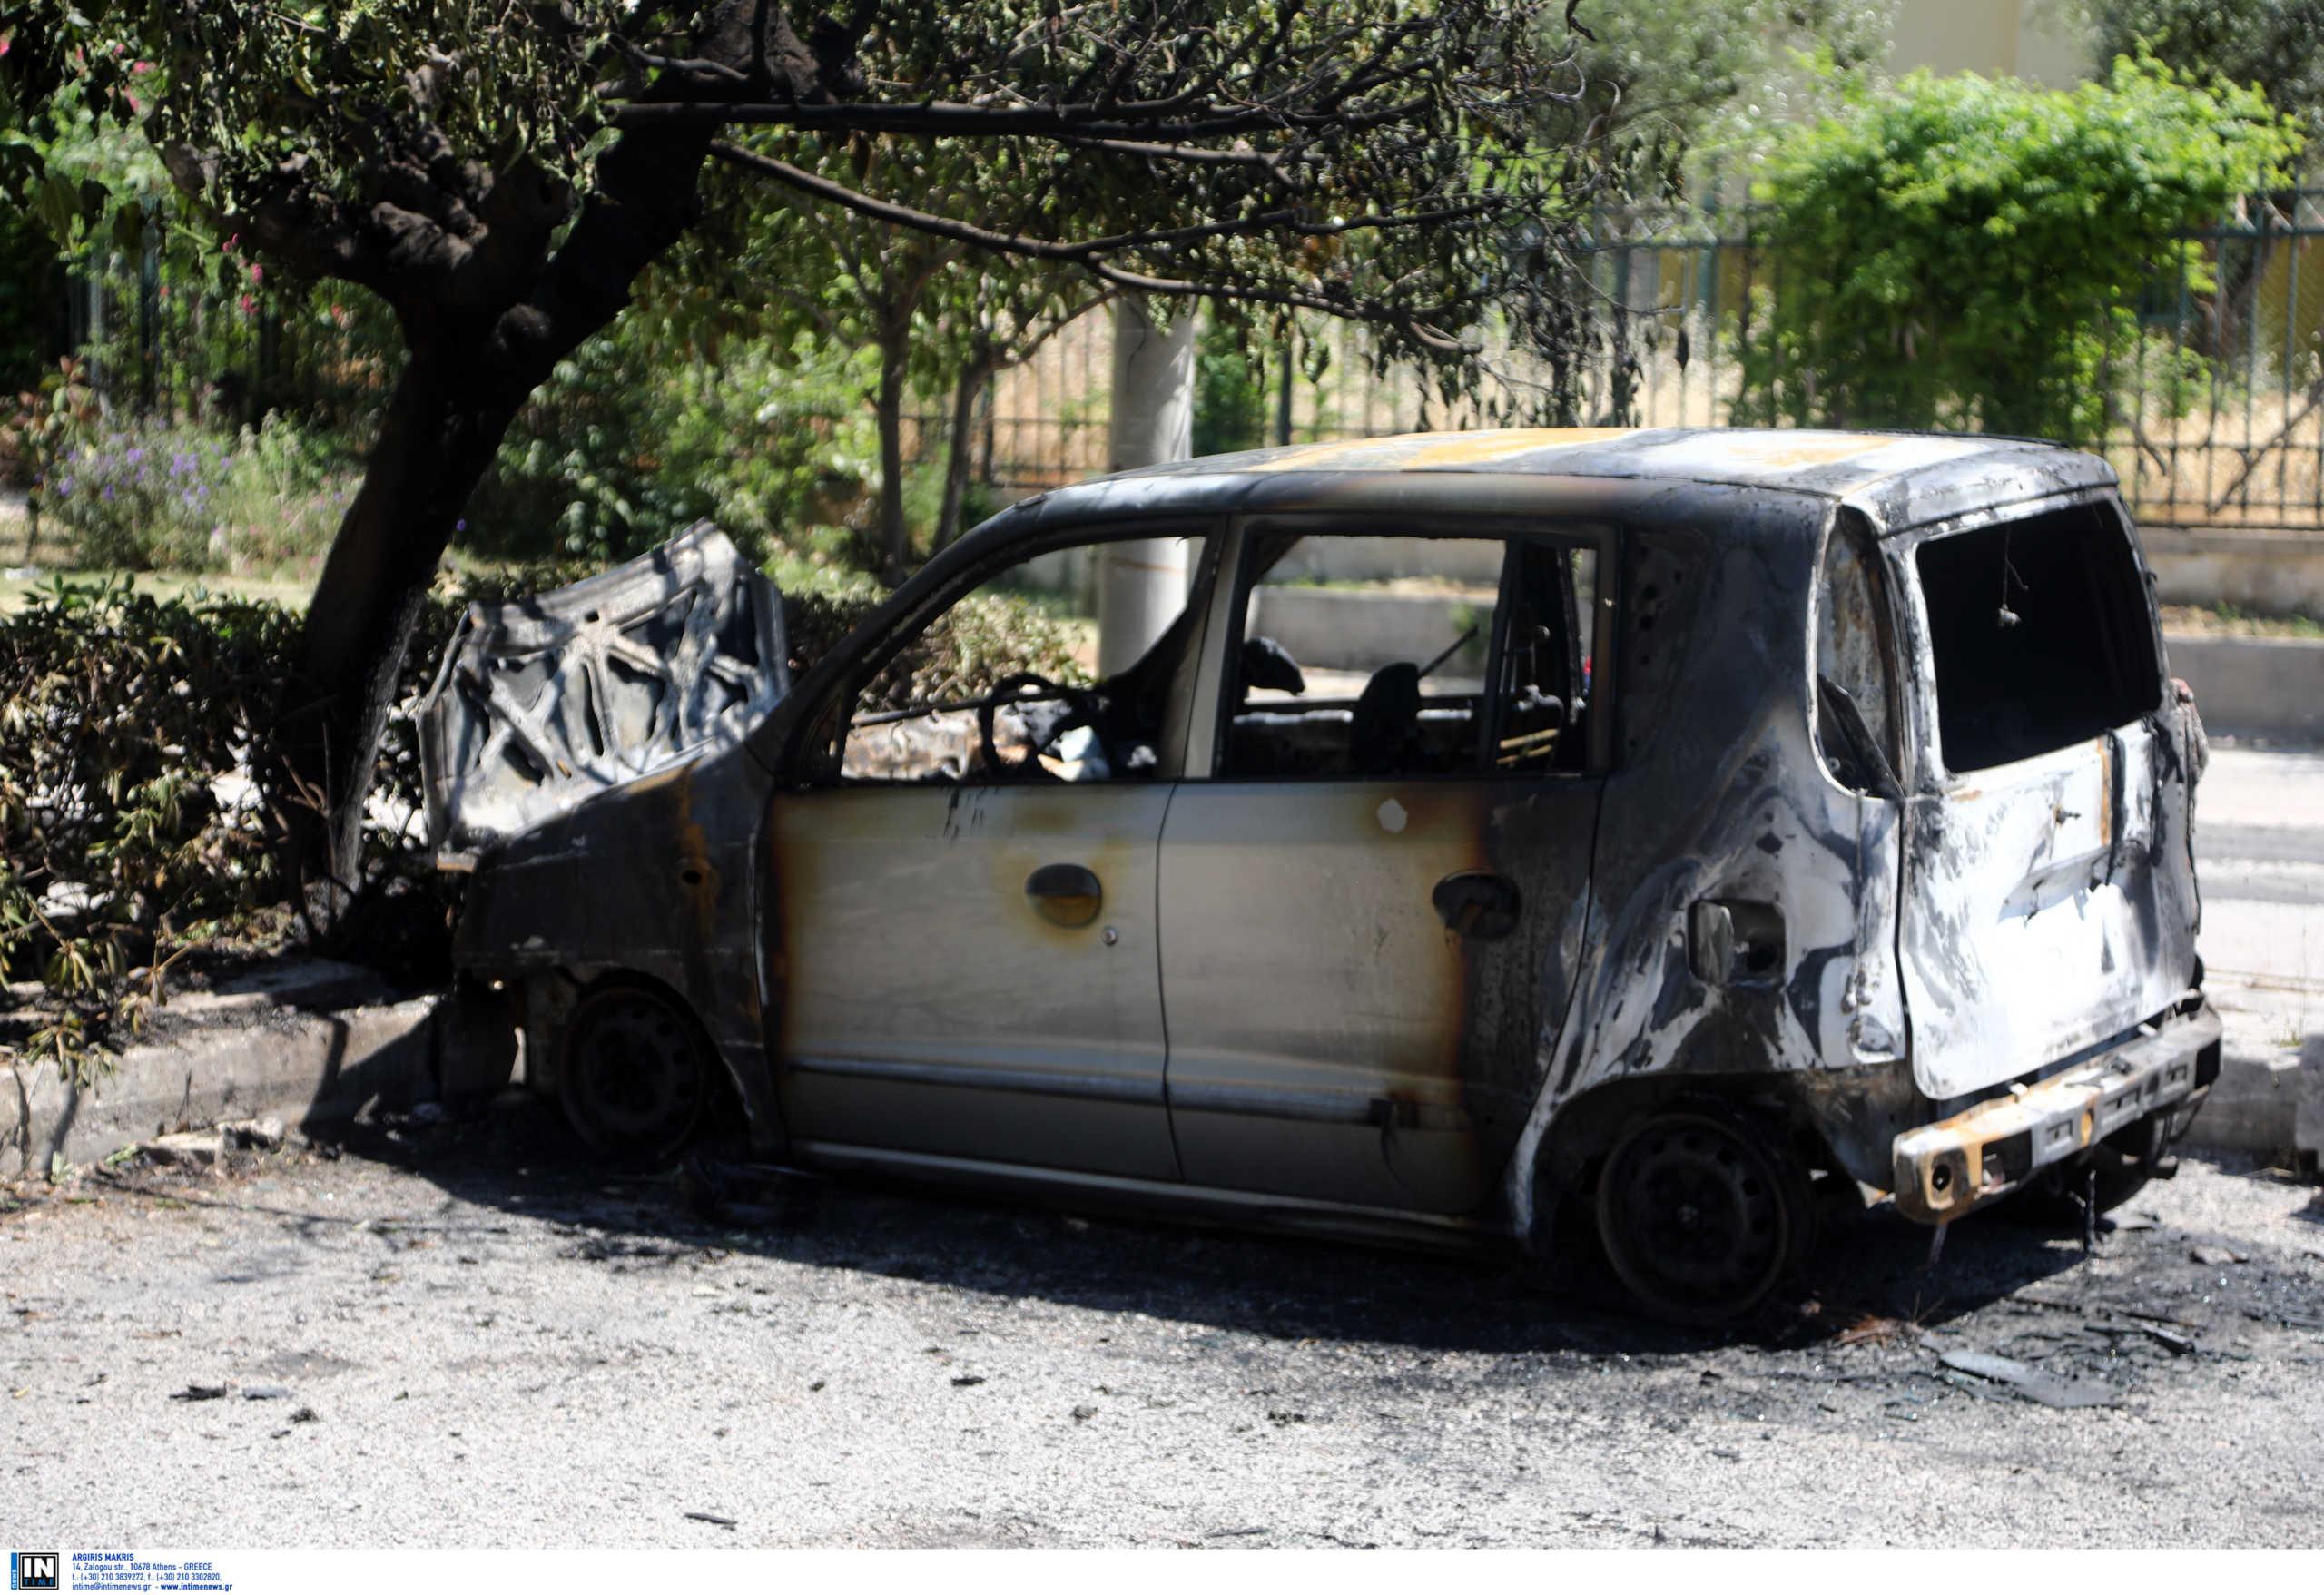 Ευελπίδων: Καταστράφηκαν ολοσχερώς τα αυτοκίνητα που δέχτηκαν επίθεση – Ανακοίνωση της Ένωσης Εισαγγελέων (pics)